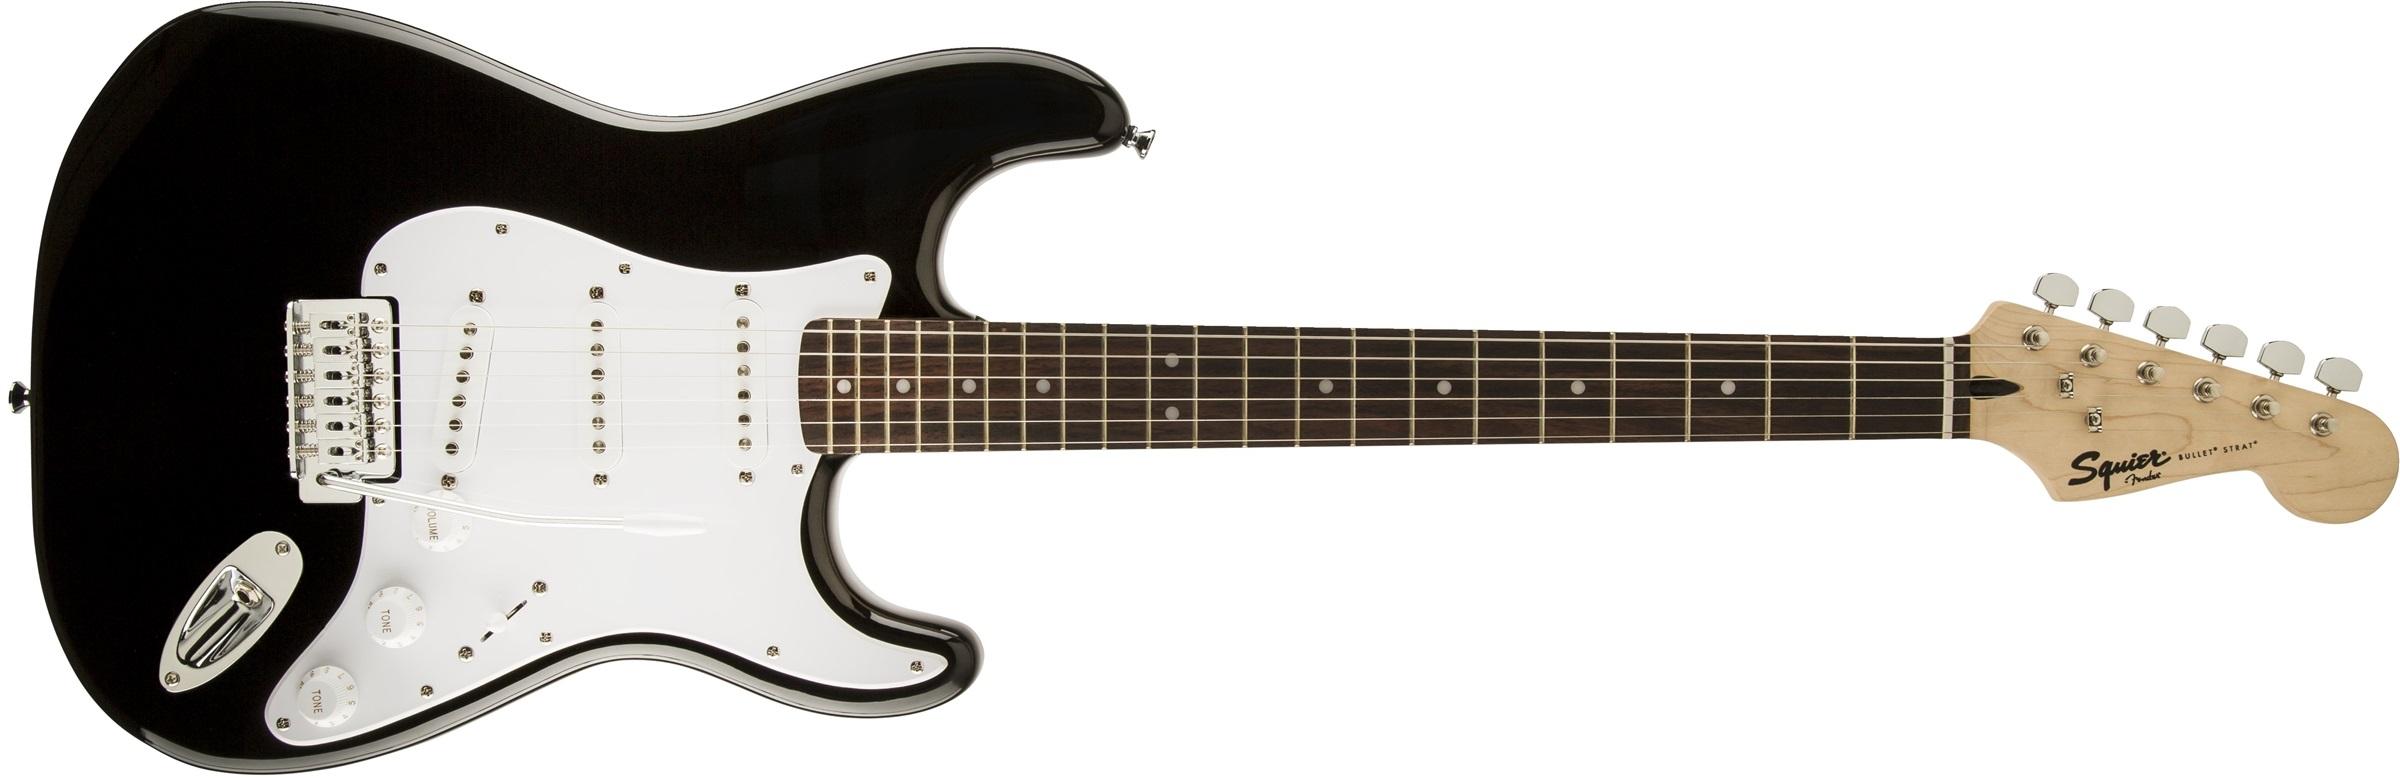 Kytarové kytary s datováním podle sériového čísla